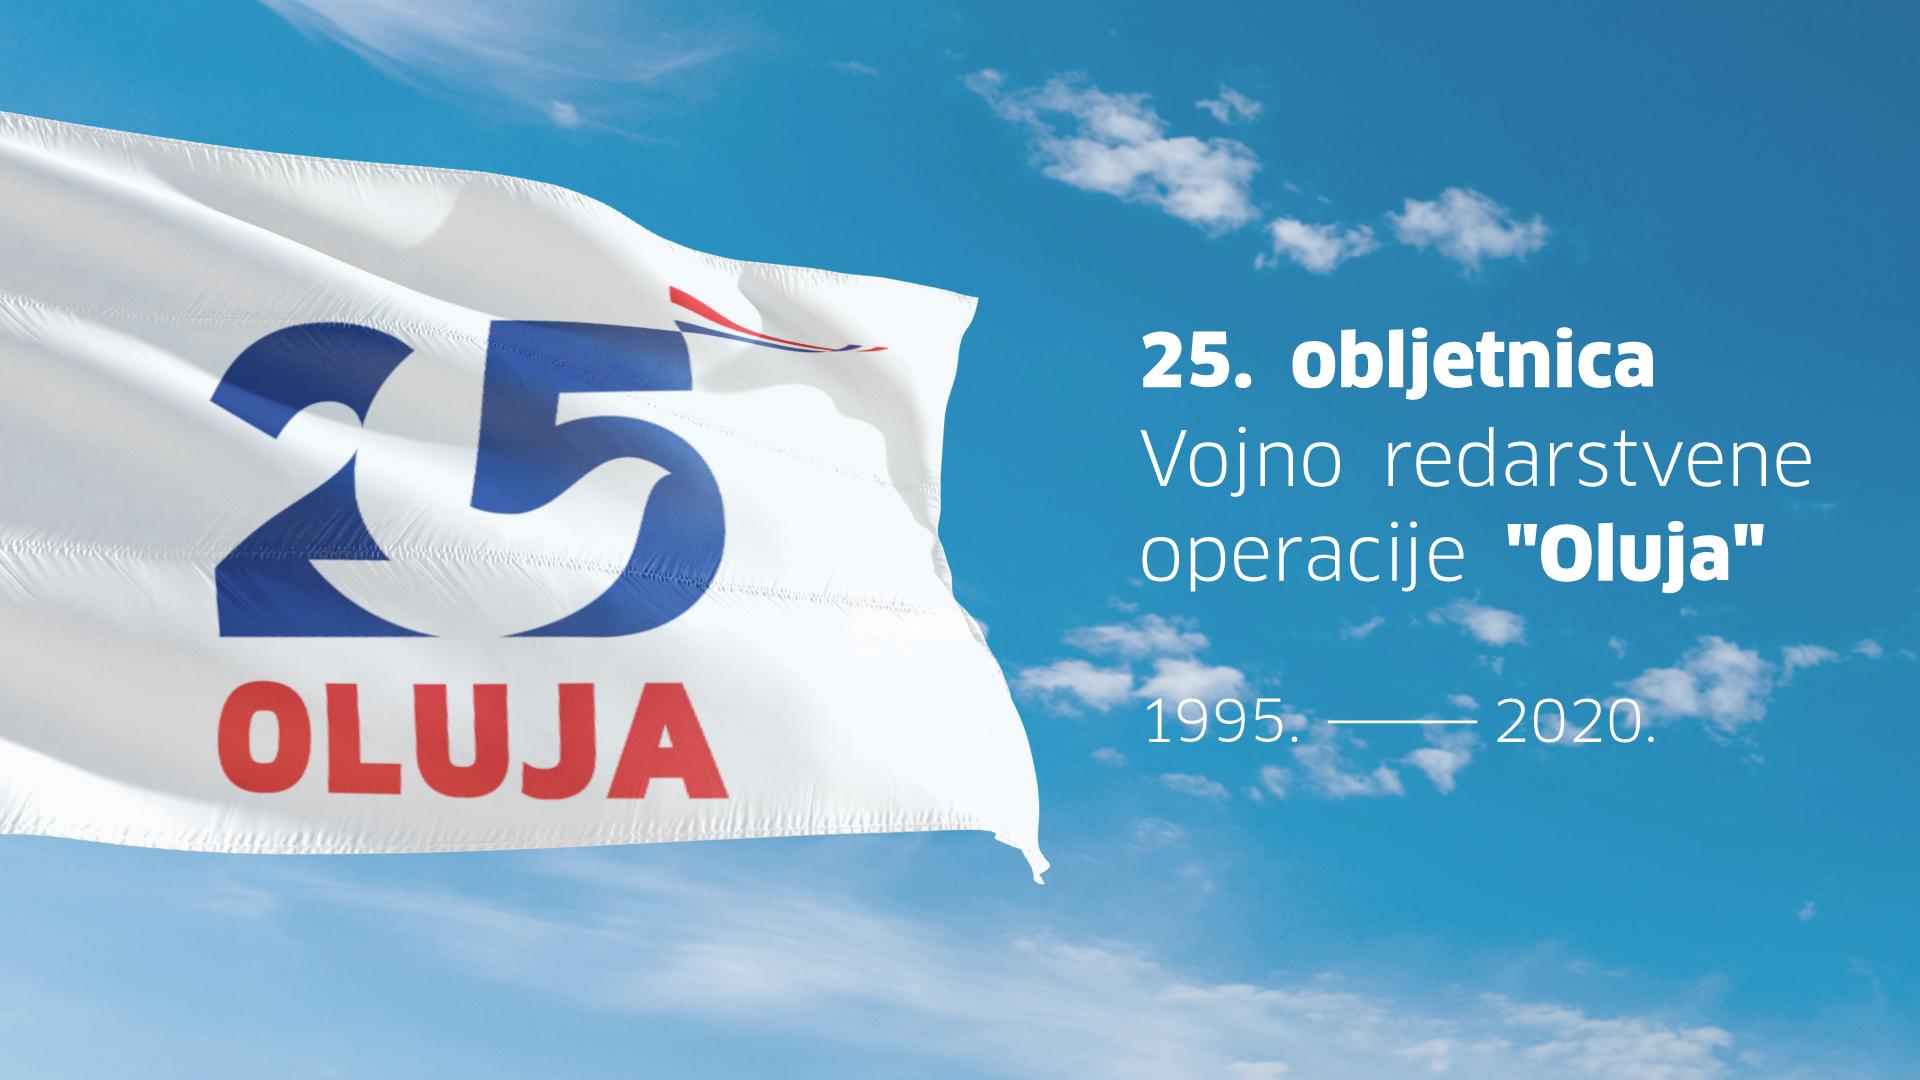 Facebook event Oluja-1920×1080